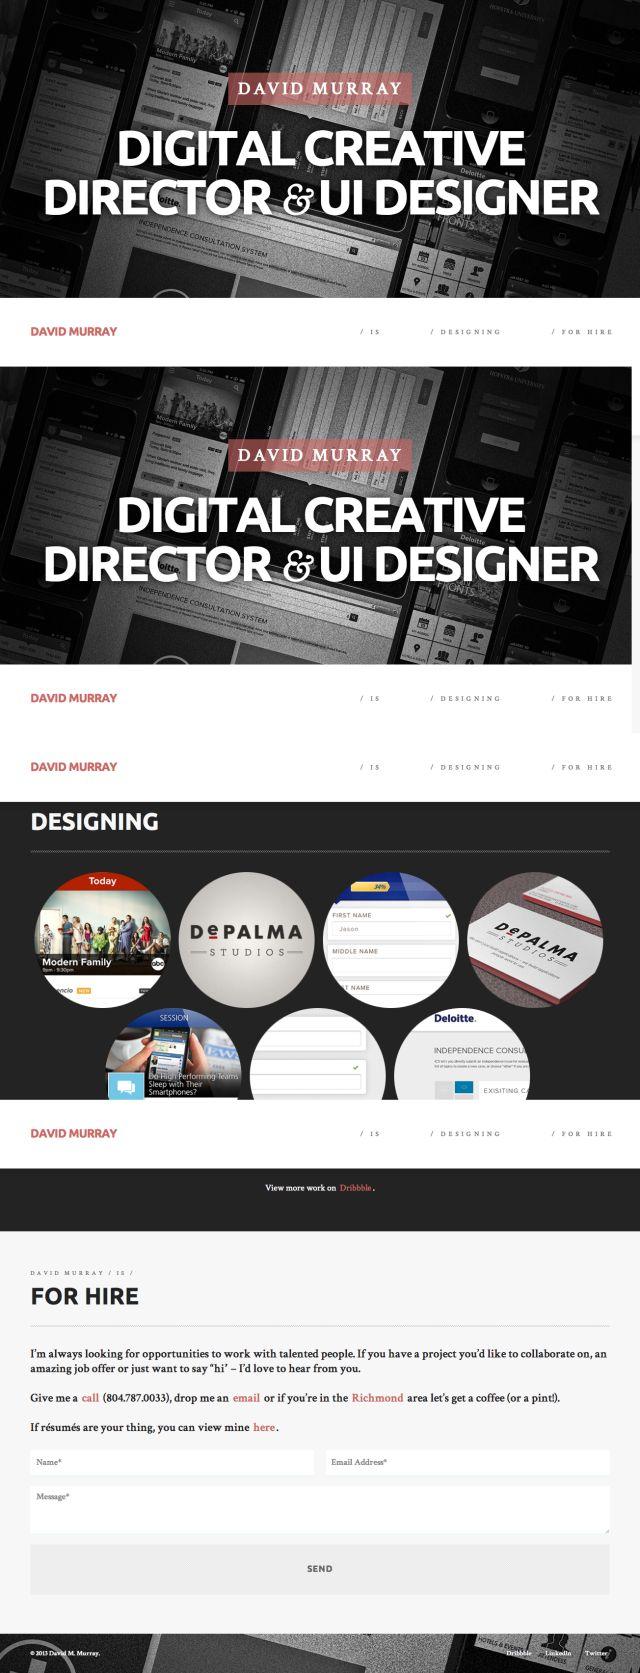 5組優秀單頁式設計作品集網站 - ㄇㄞˋ點子靈感創意誌